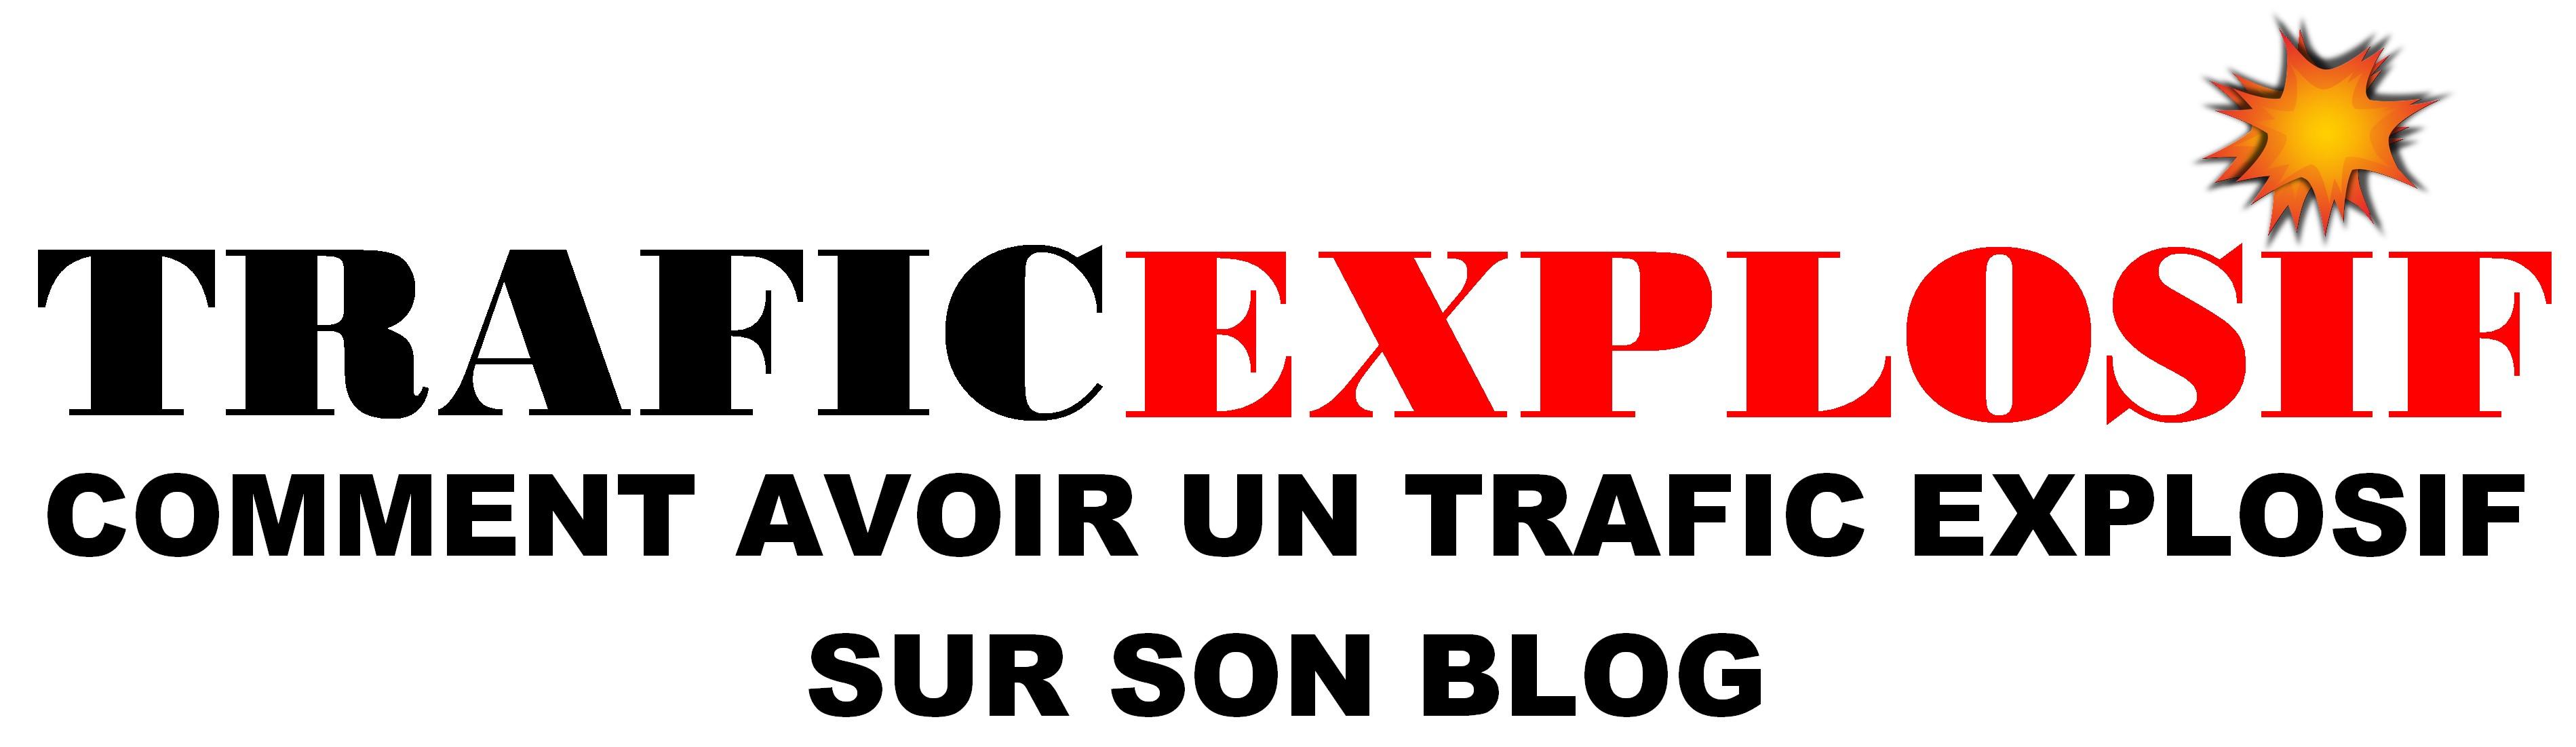 Trafic Explosif